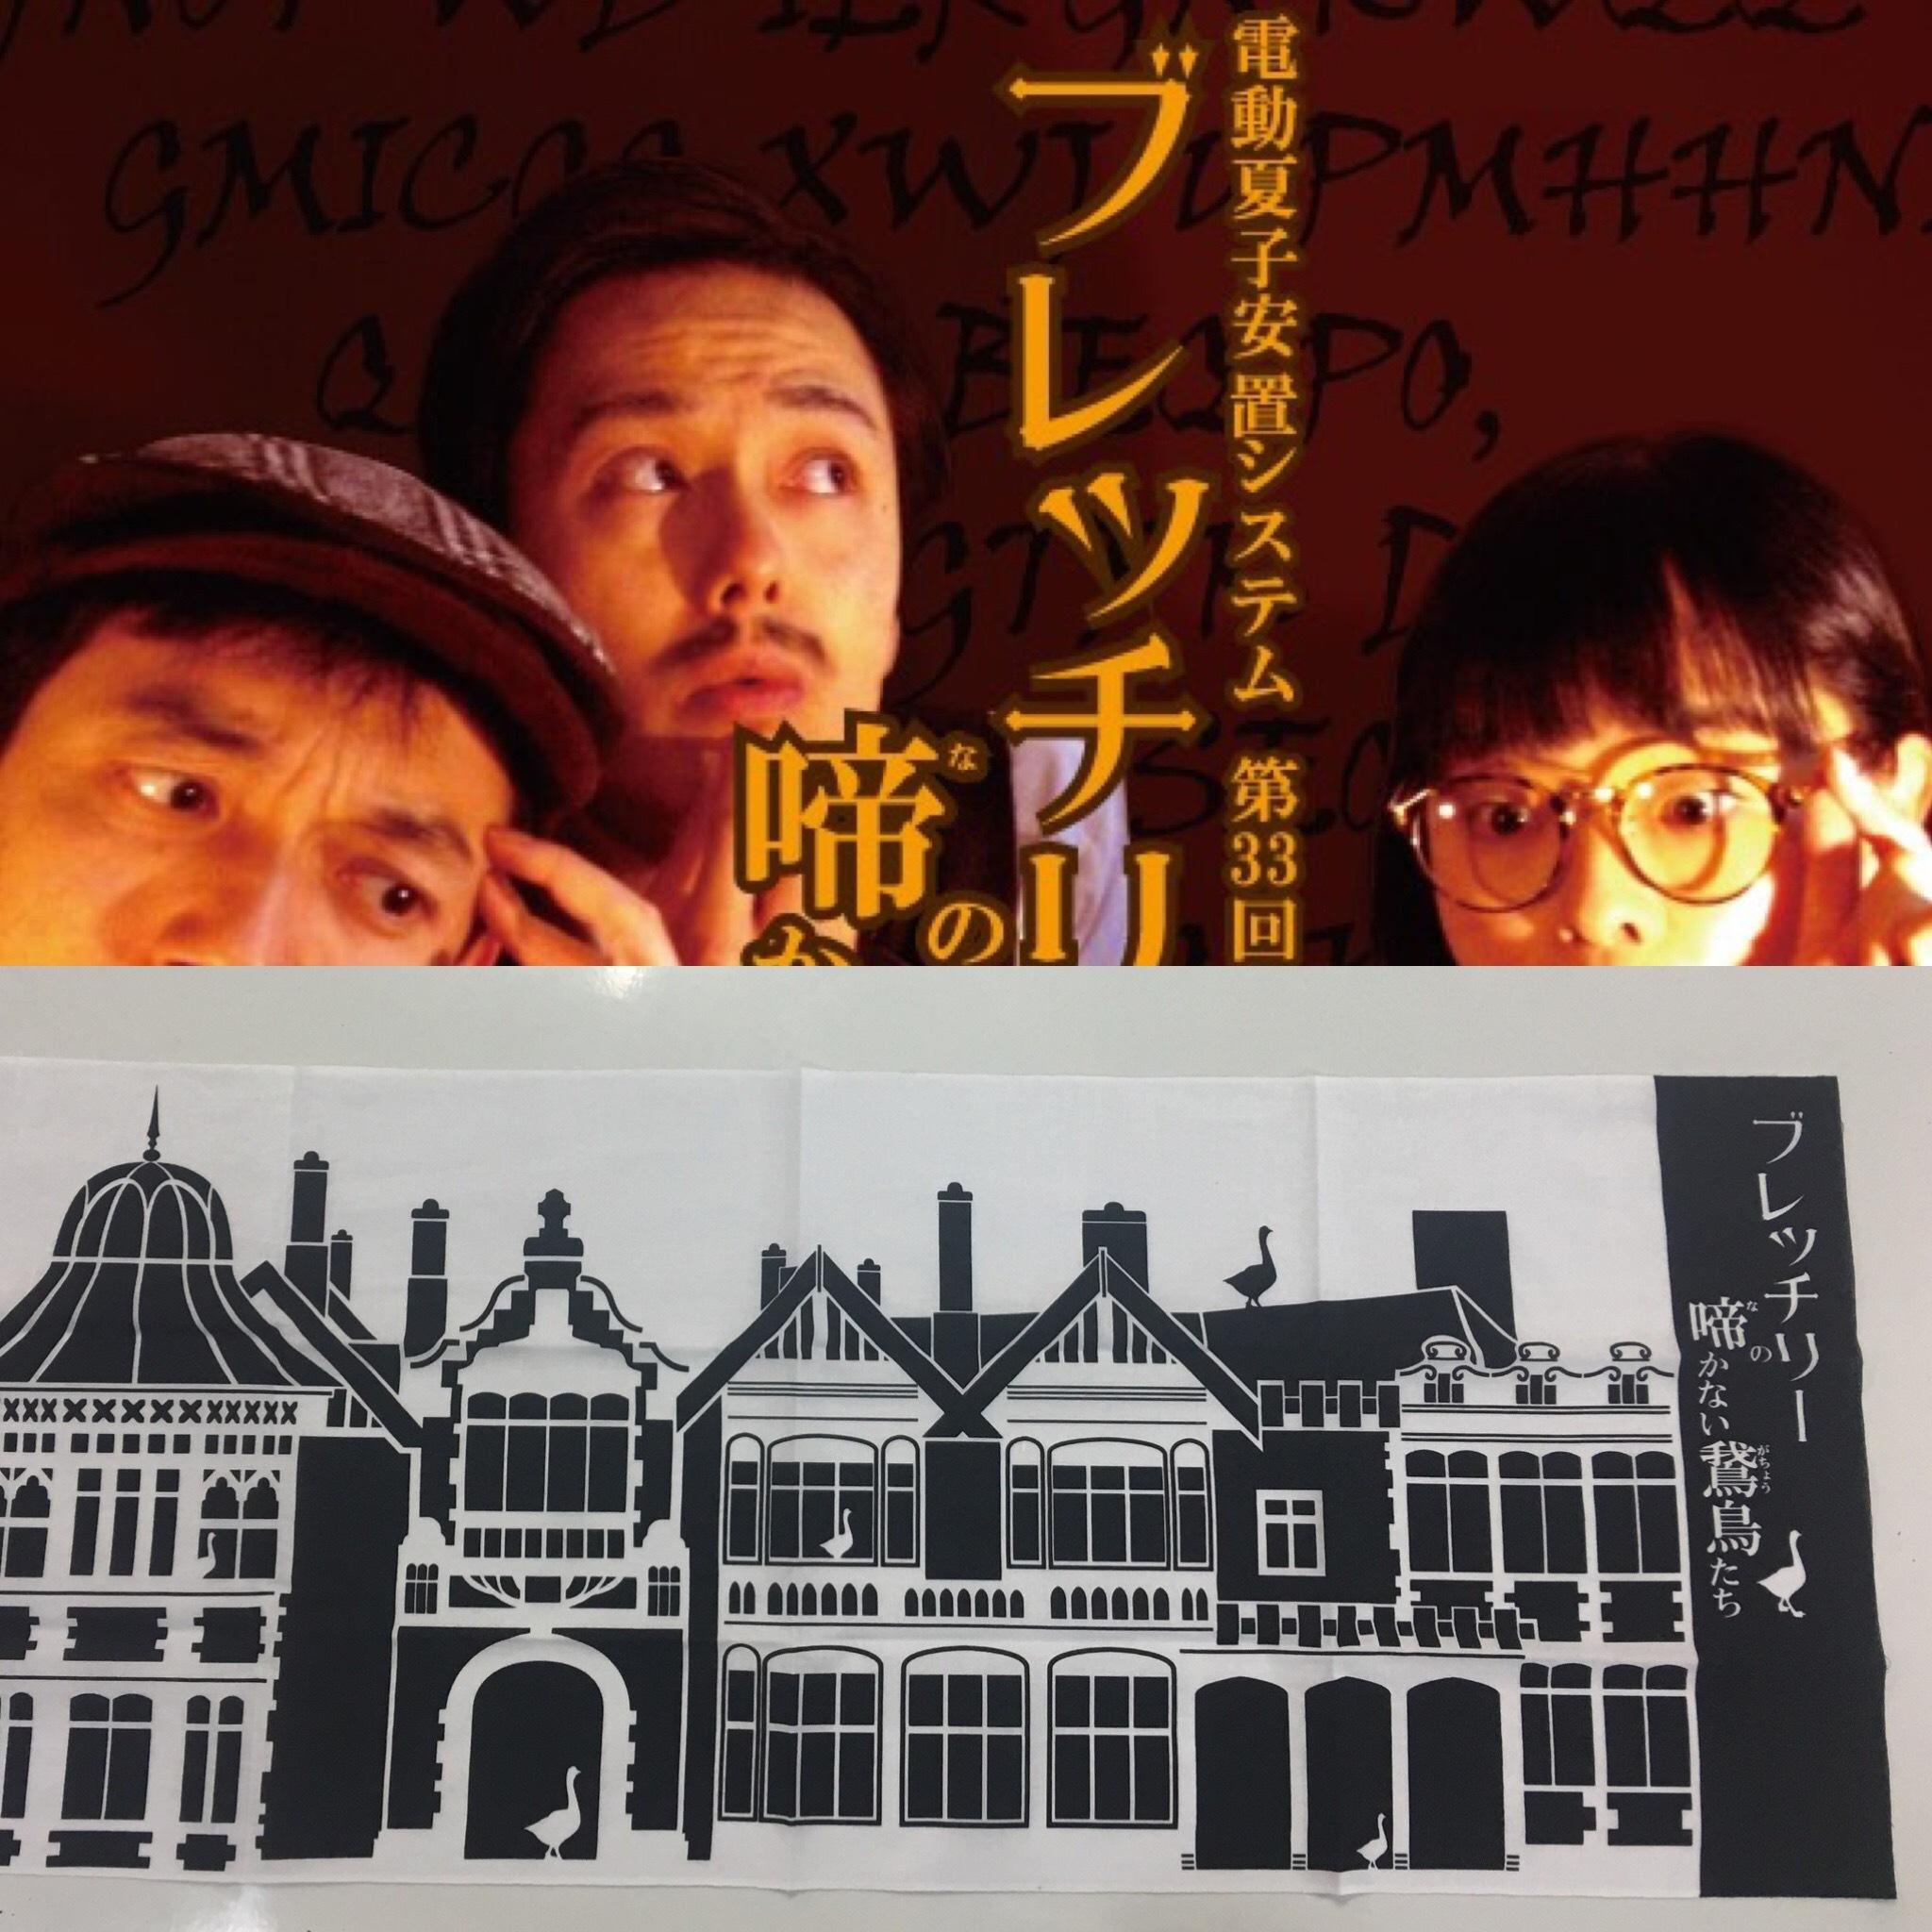 DVD+てぬぐいセット 第33回公演『ブレッチリーの啼かない鵞鳥たち』